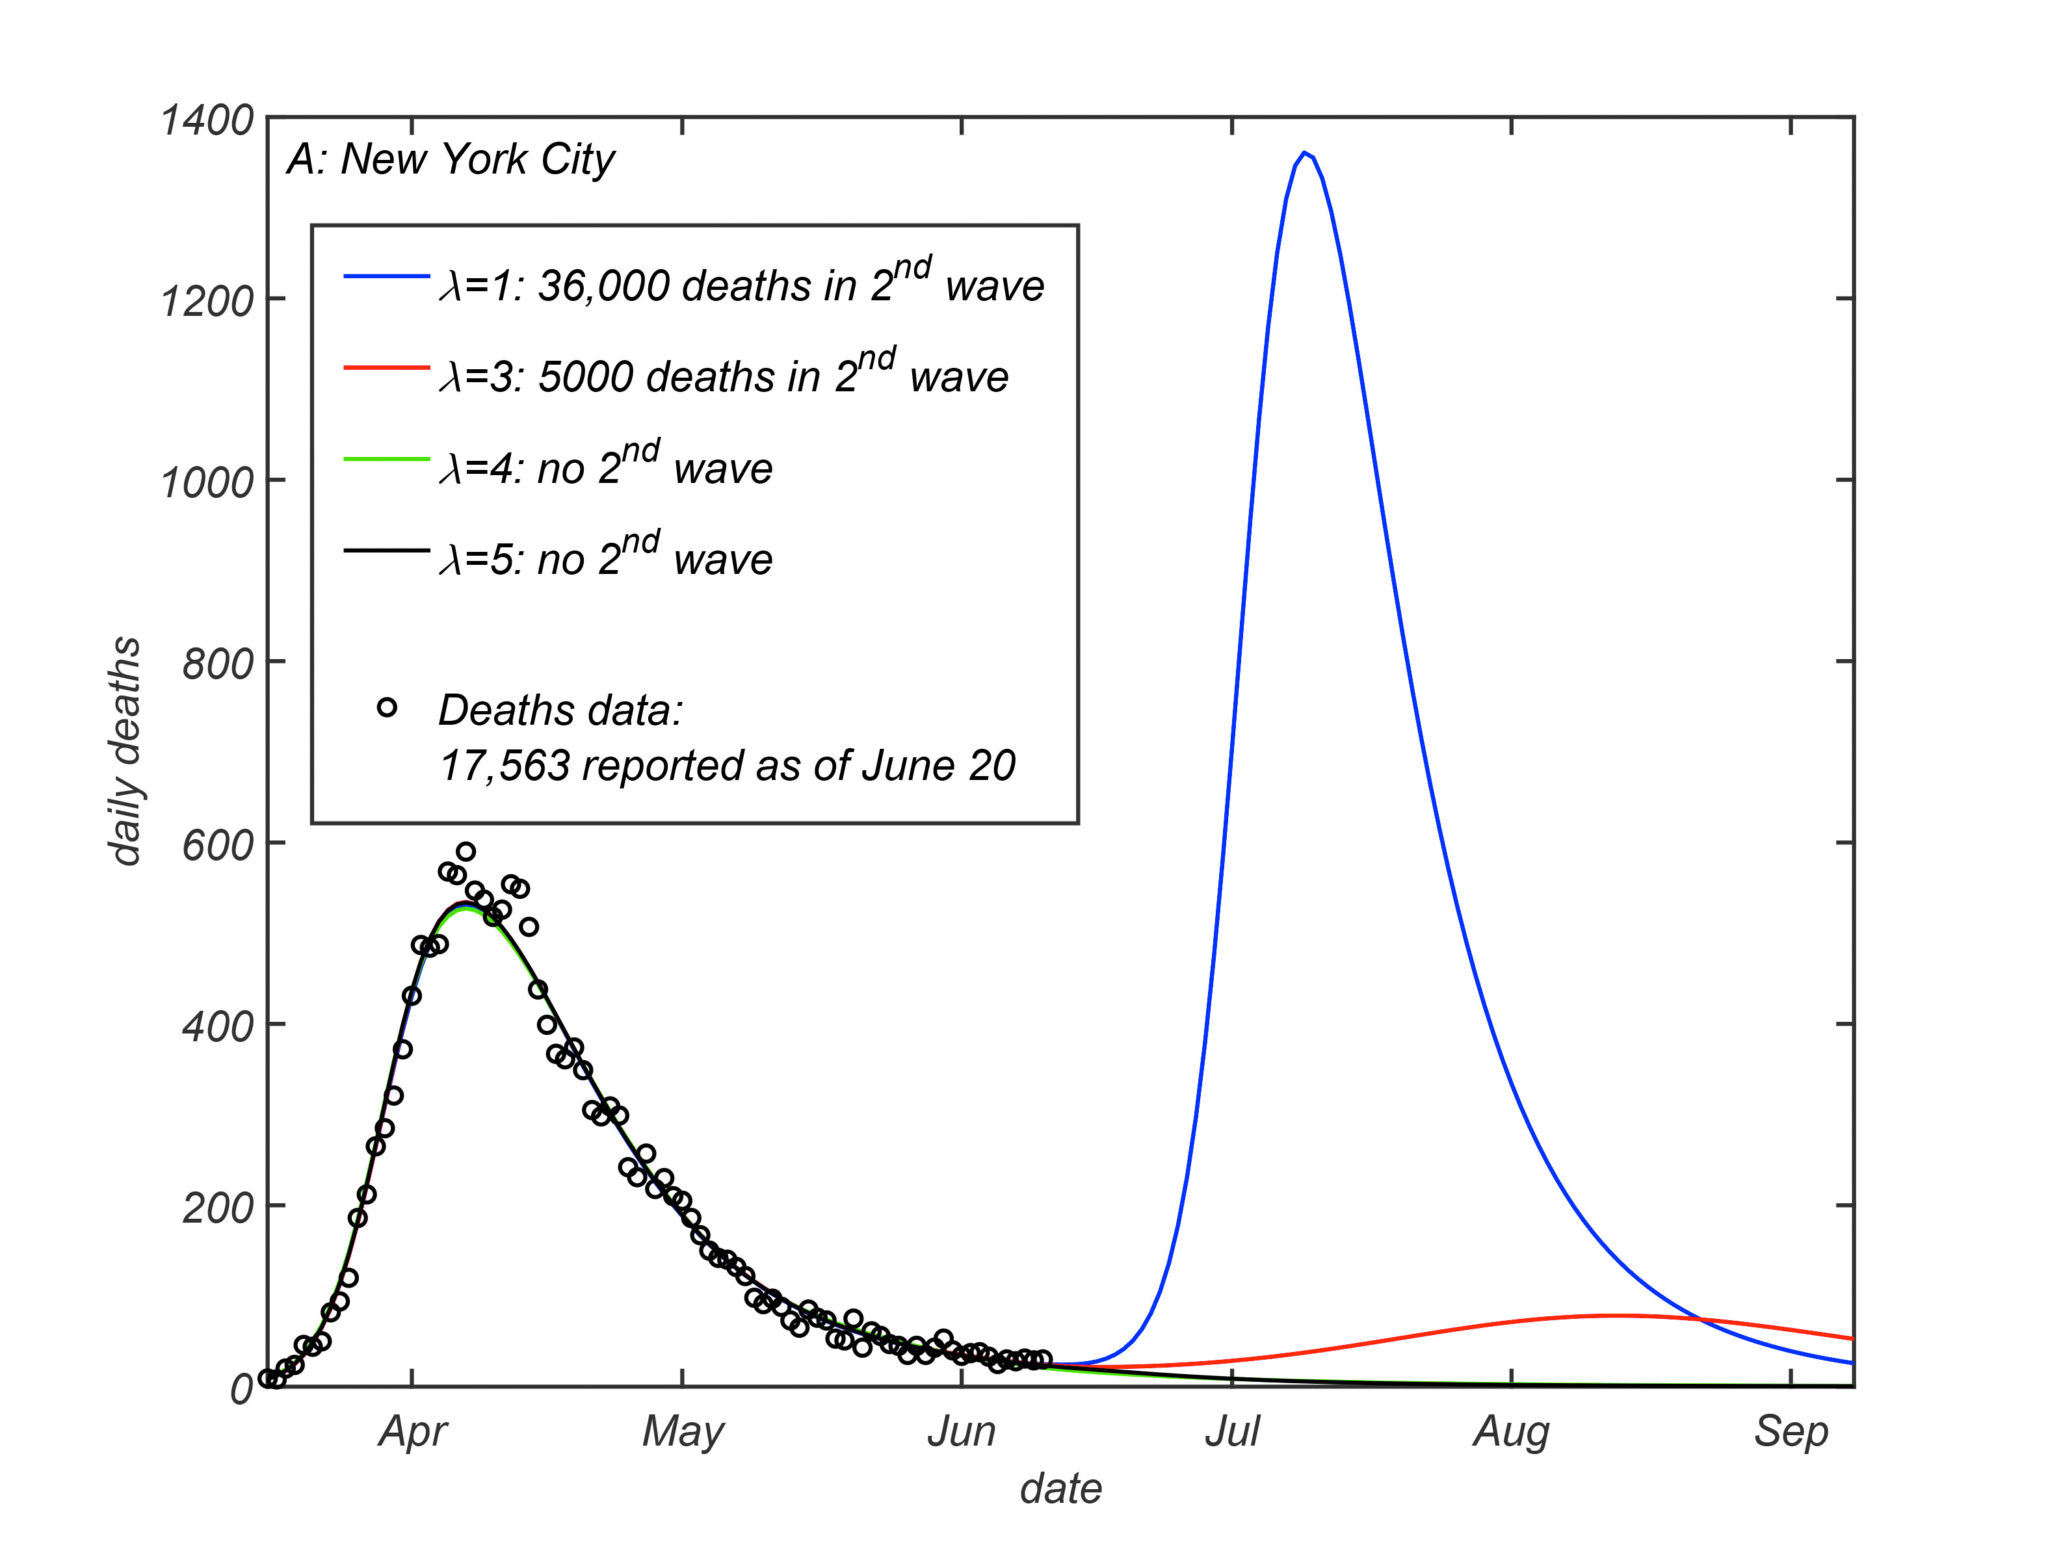 Предсказания модели авторов с разными параметрами неоднородной подверженности для второй волны эпидемии в Нью-Йорке